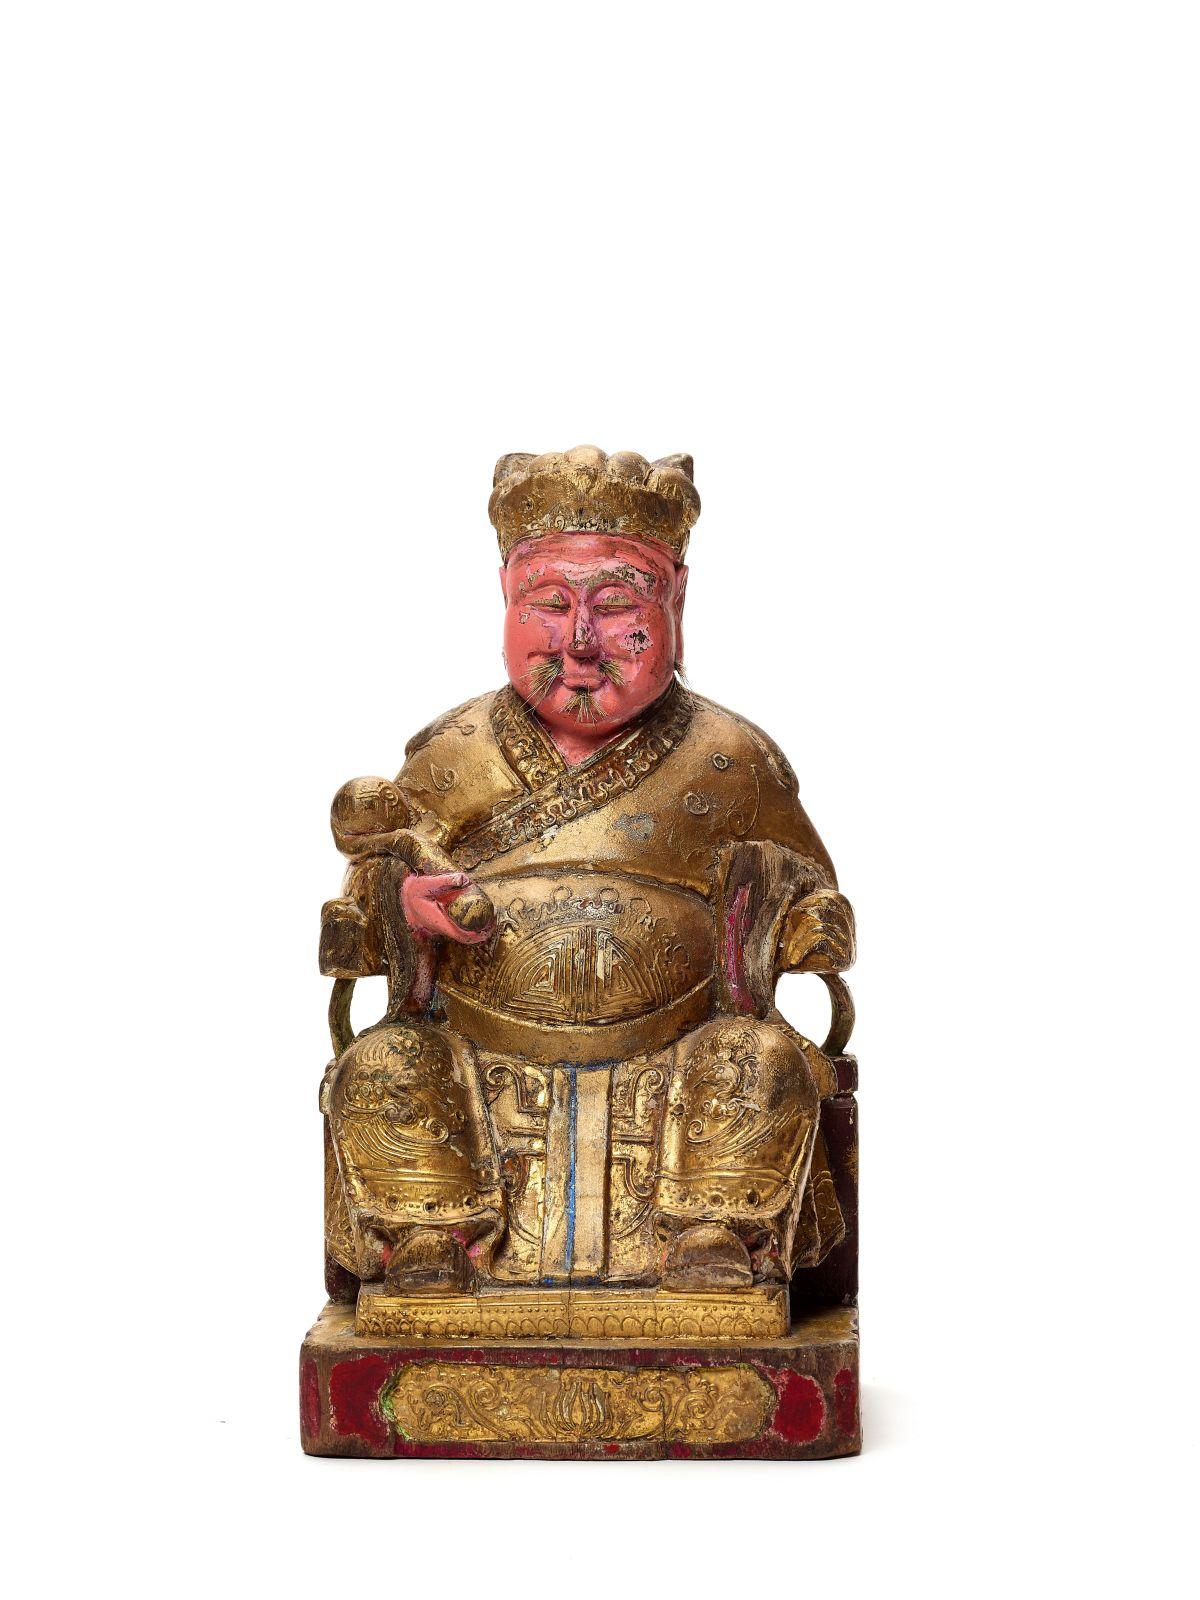 #176 A polycrome lacquered and gilt wood figure of GUANDI, 17th - 18 th century | Eine polykrom lackierte und vergoldete Holzfigur von GUANDI, 17. - 18. Jahrhundert Image